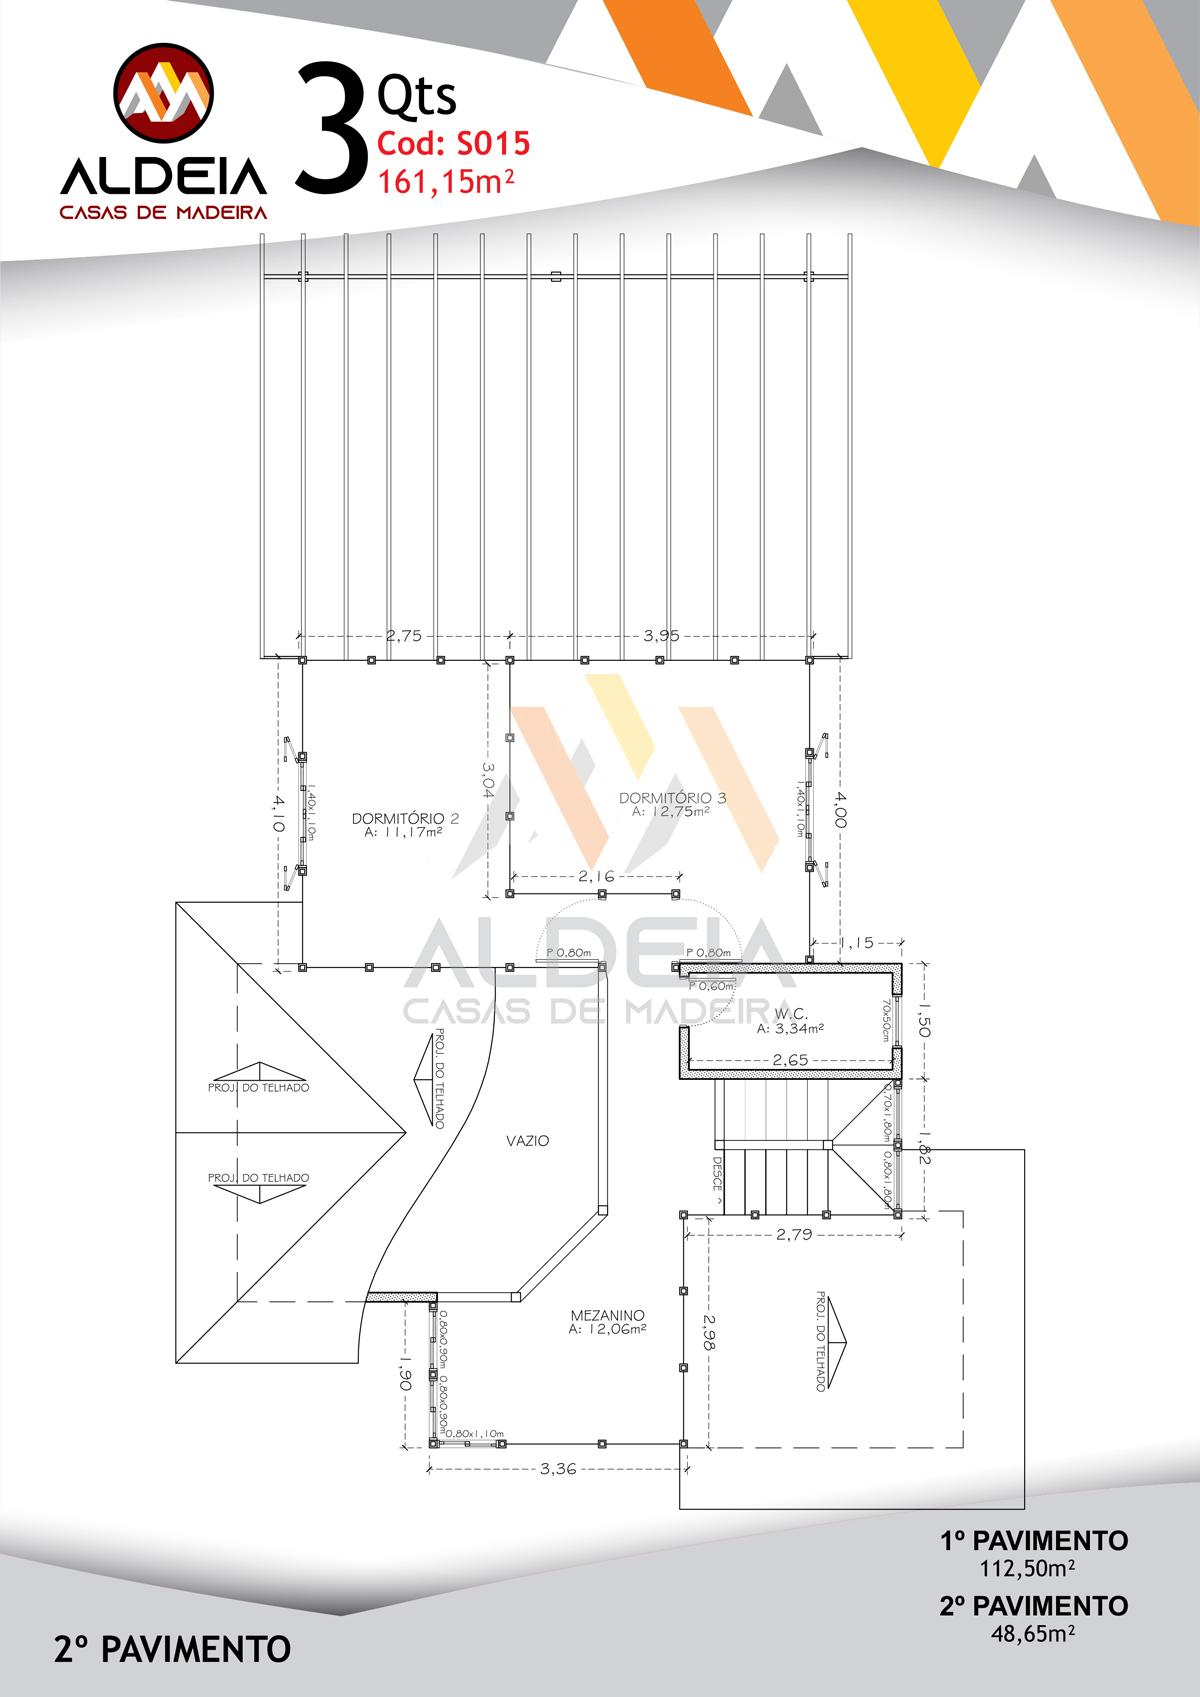 aldeia-casas-madeira-arquitetura-S015-2